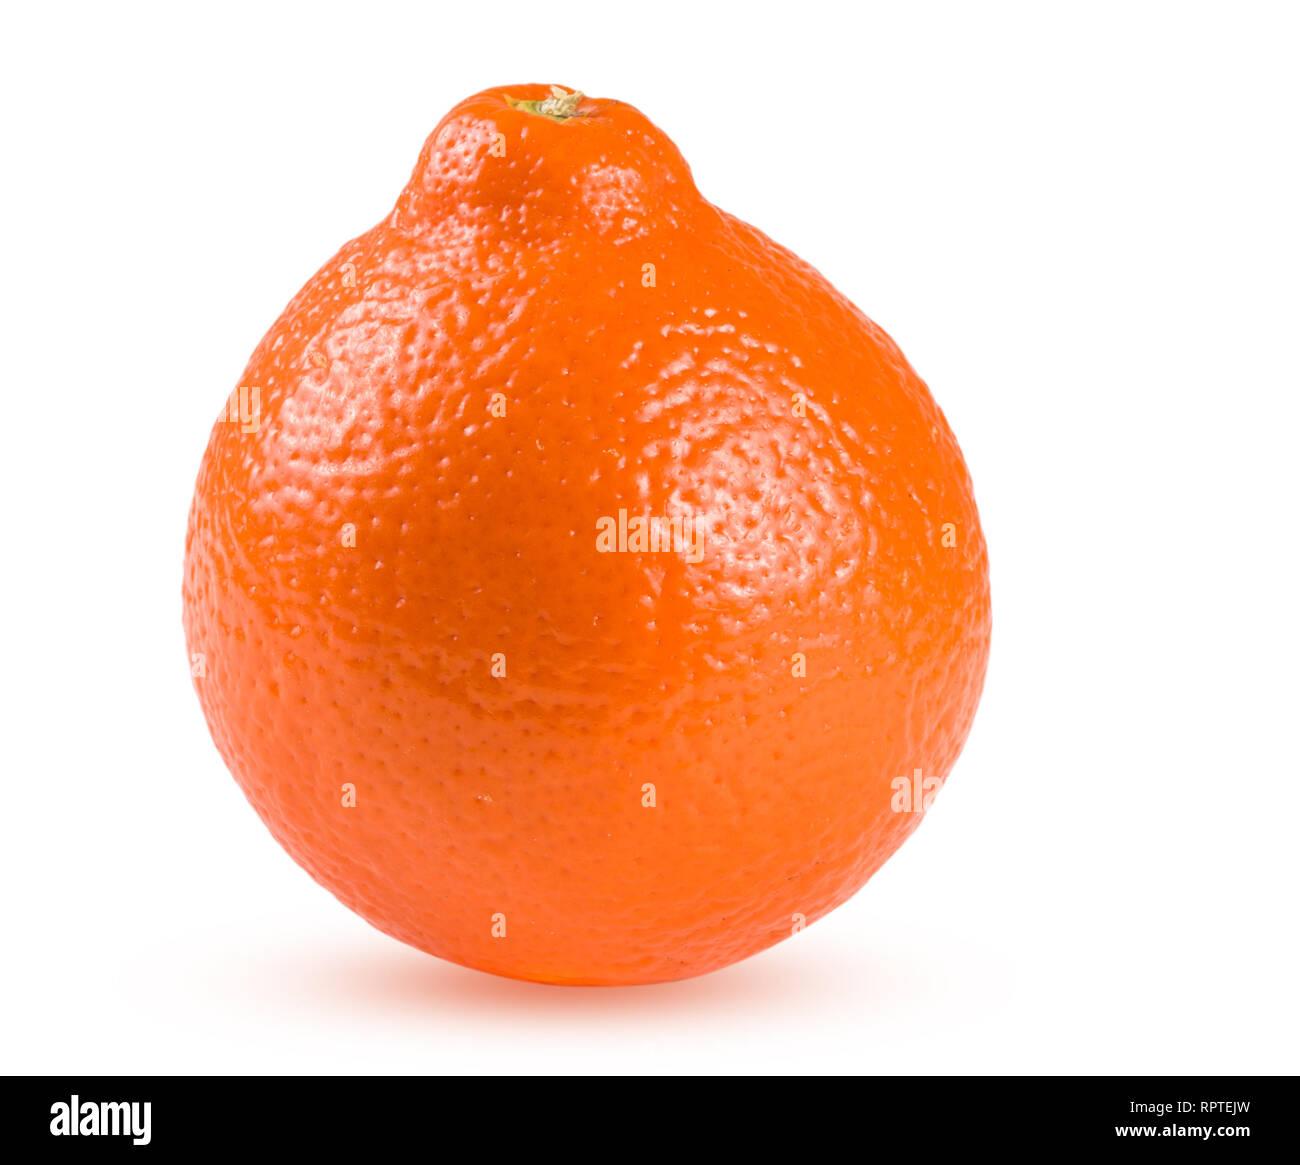 orange tangerine or Mineola isolated on white background - Stock Image